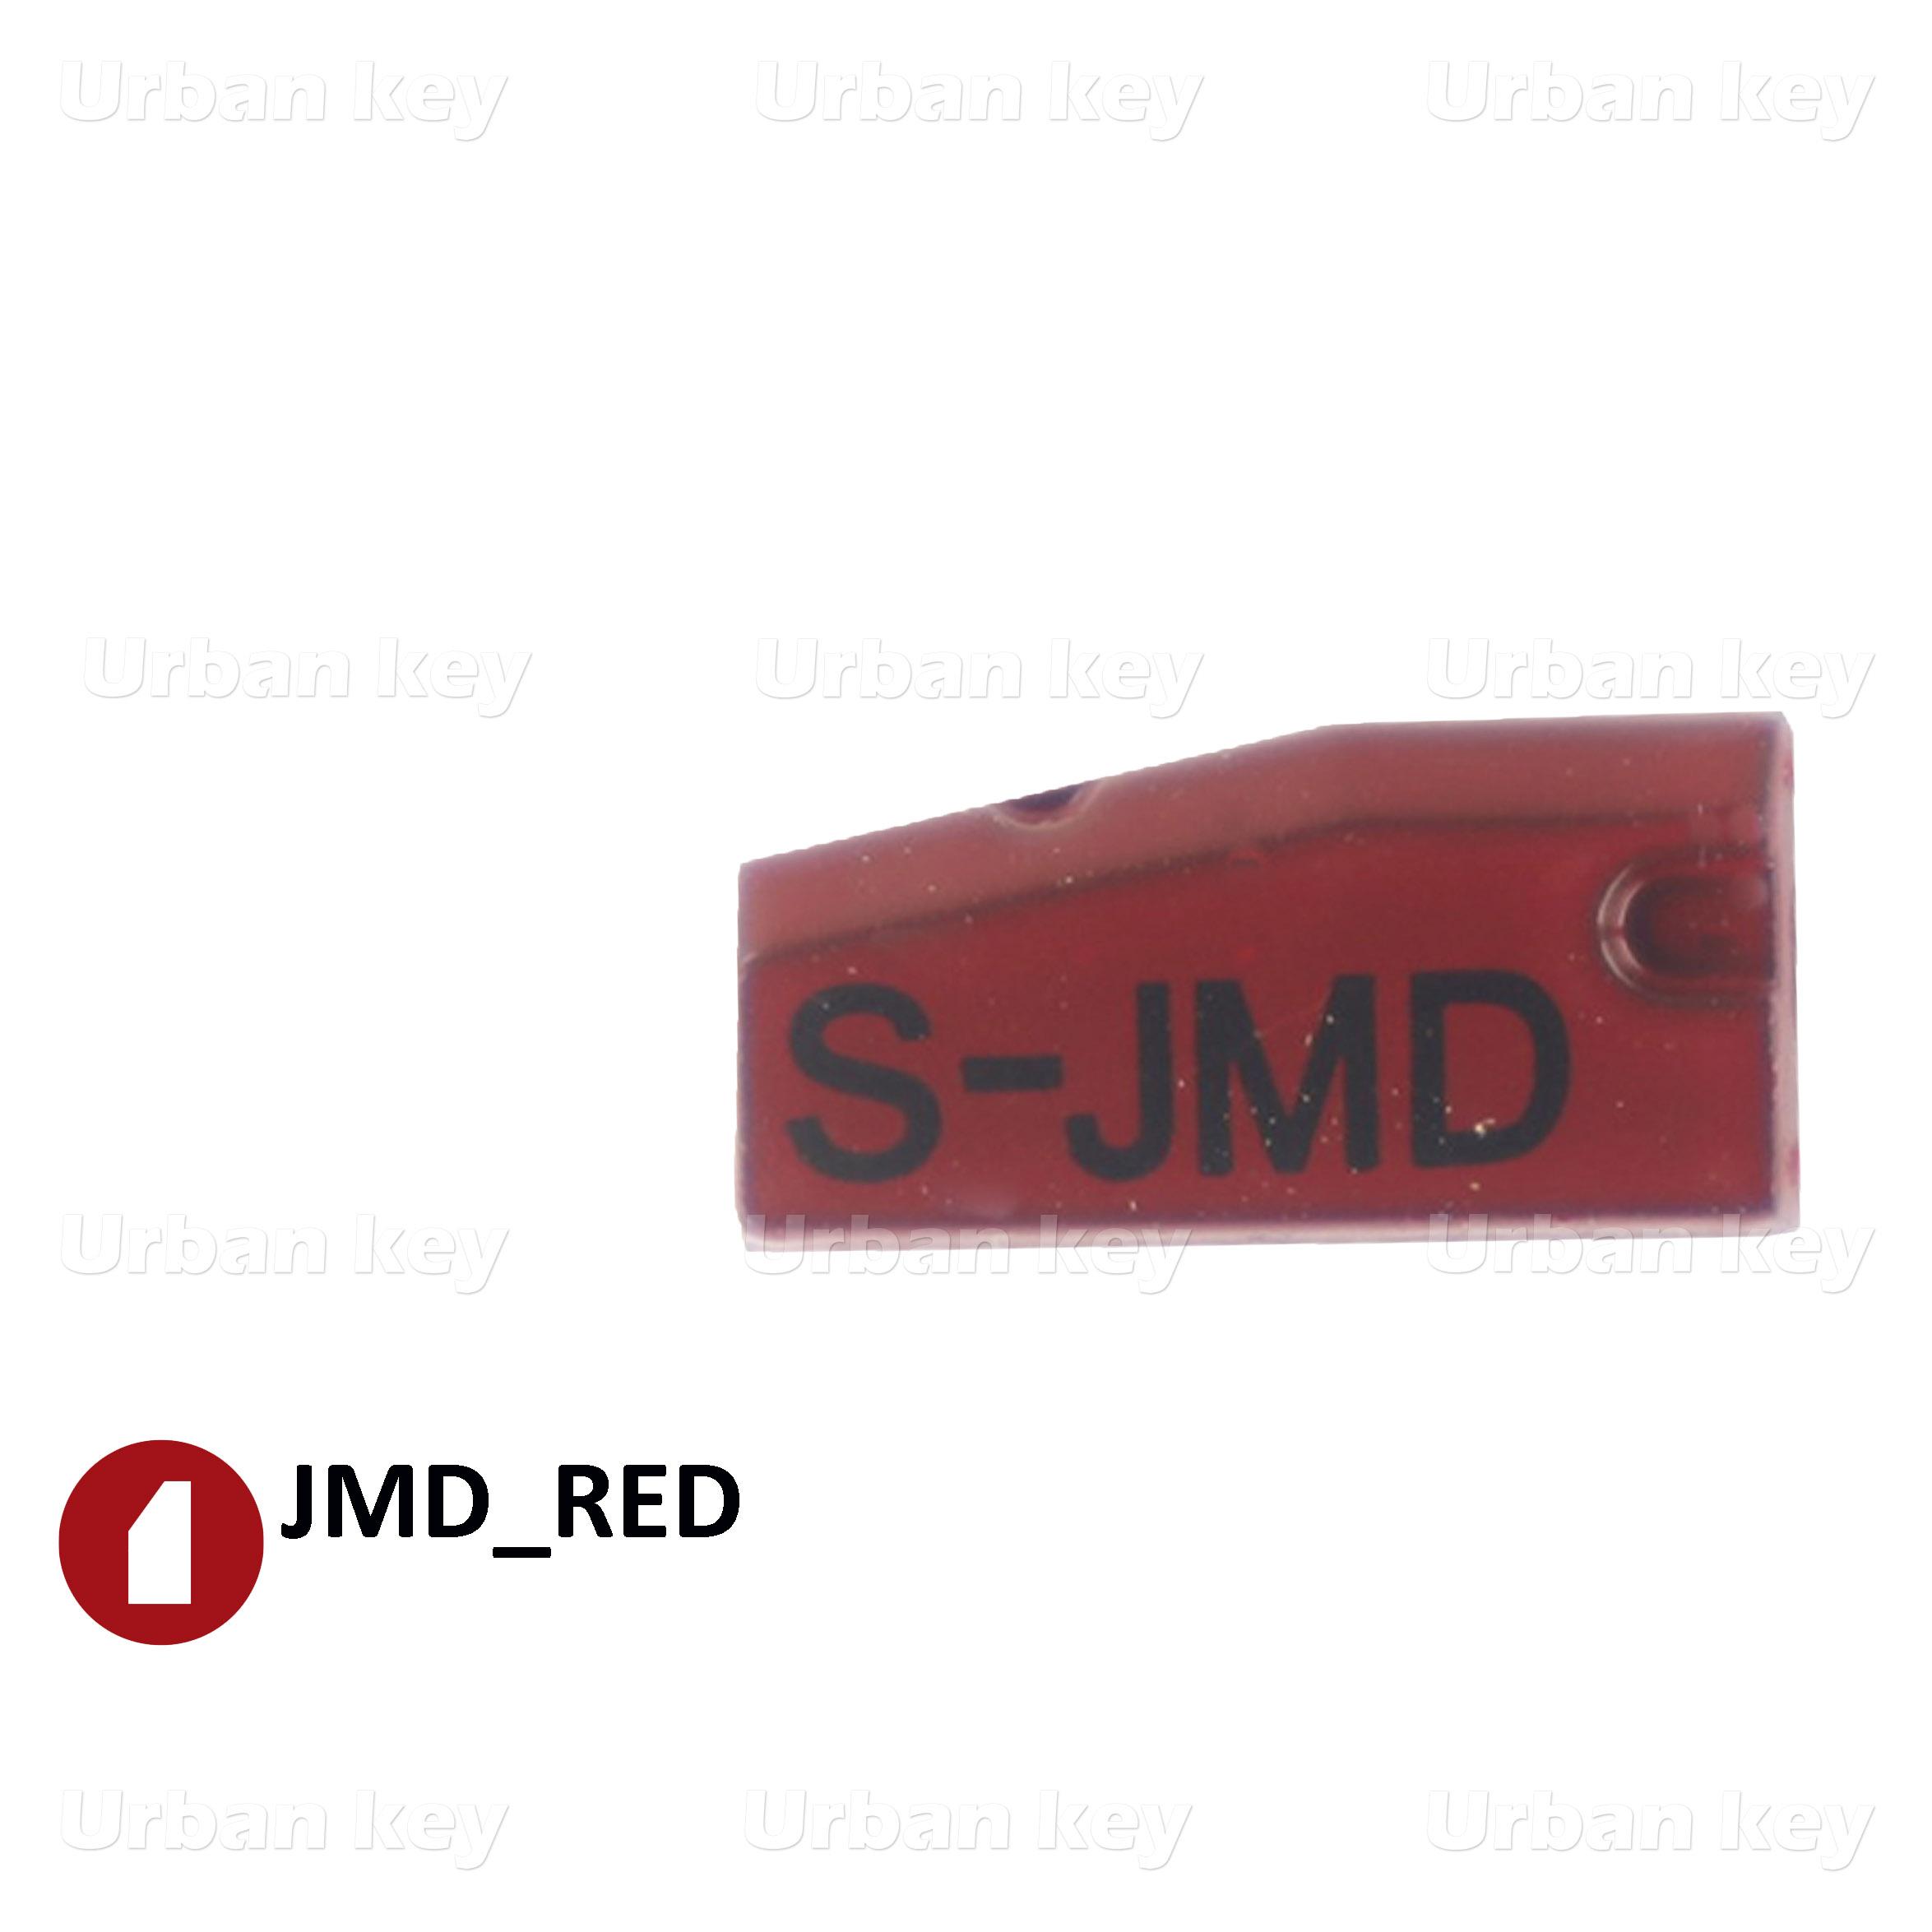 TRANSPONDER JMD RED